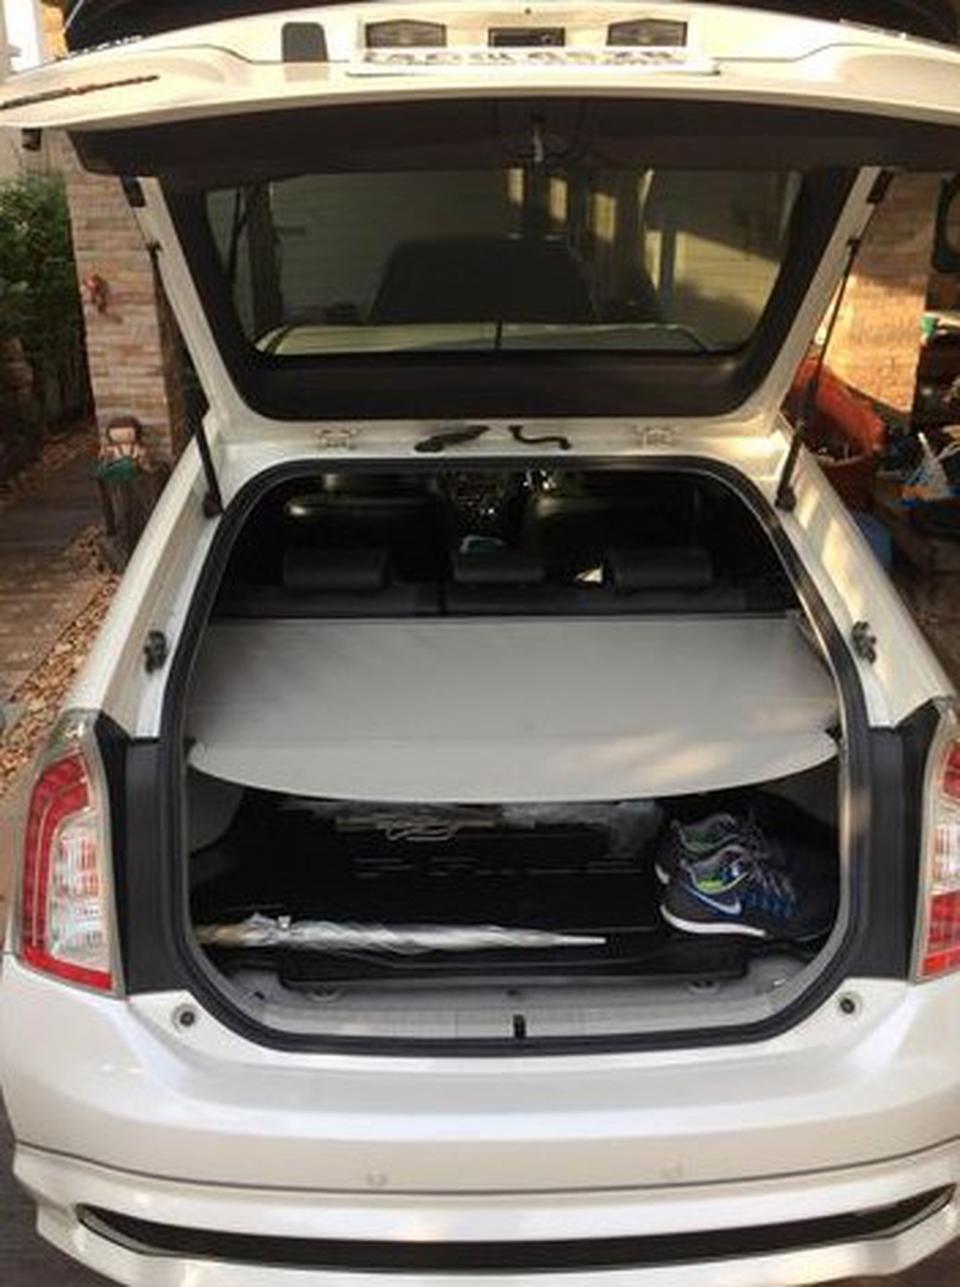 ขายรถยนต์ Toyota Prius ลำลูกกา ปทุมธานี รูปที่ 5